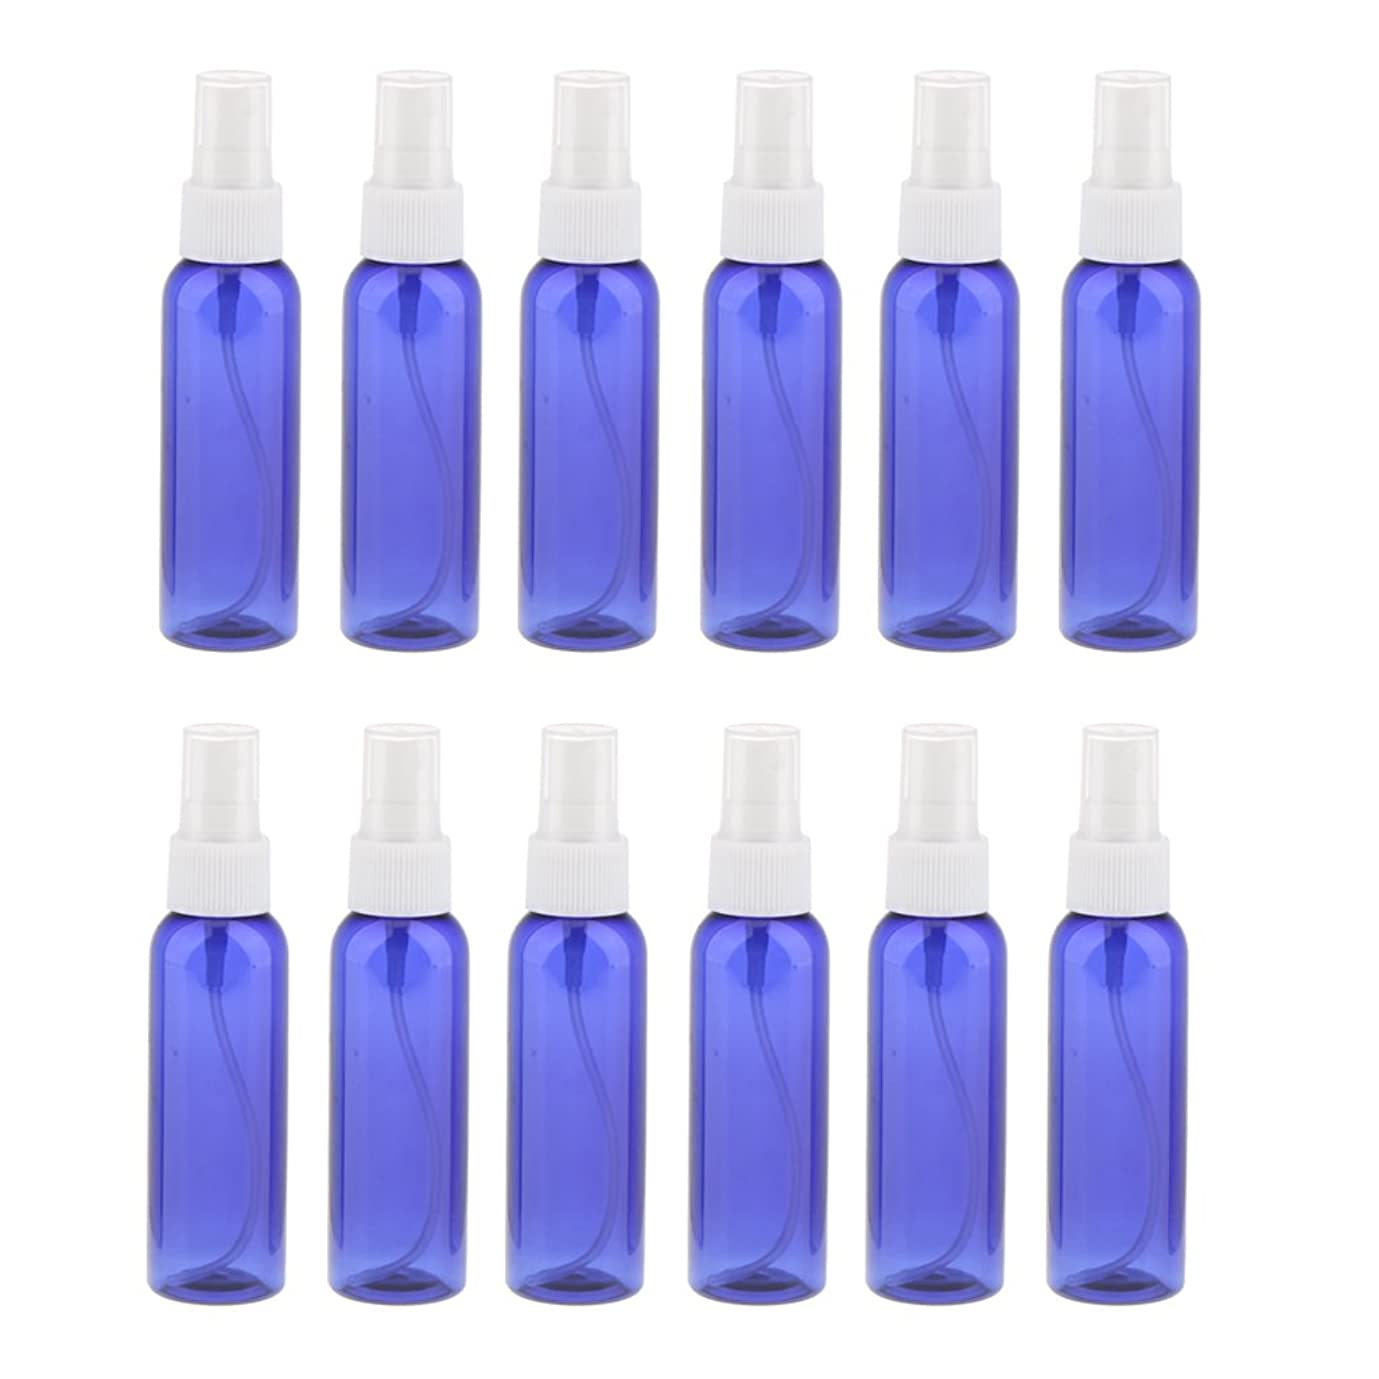 ベース麻痺させるアコードKesoto お買い得! 空 旅行用 スプレーボトル  アトマイザー 液体香水 軽量 便利 詰め替え&ポータブル 12本 60ML 全3色 - 白